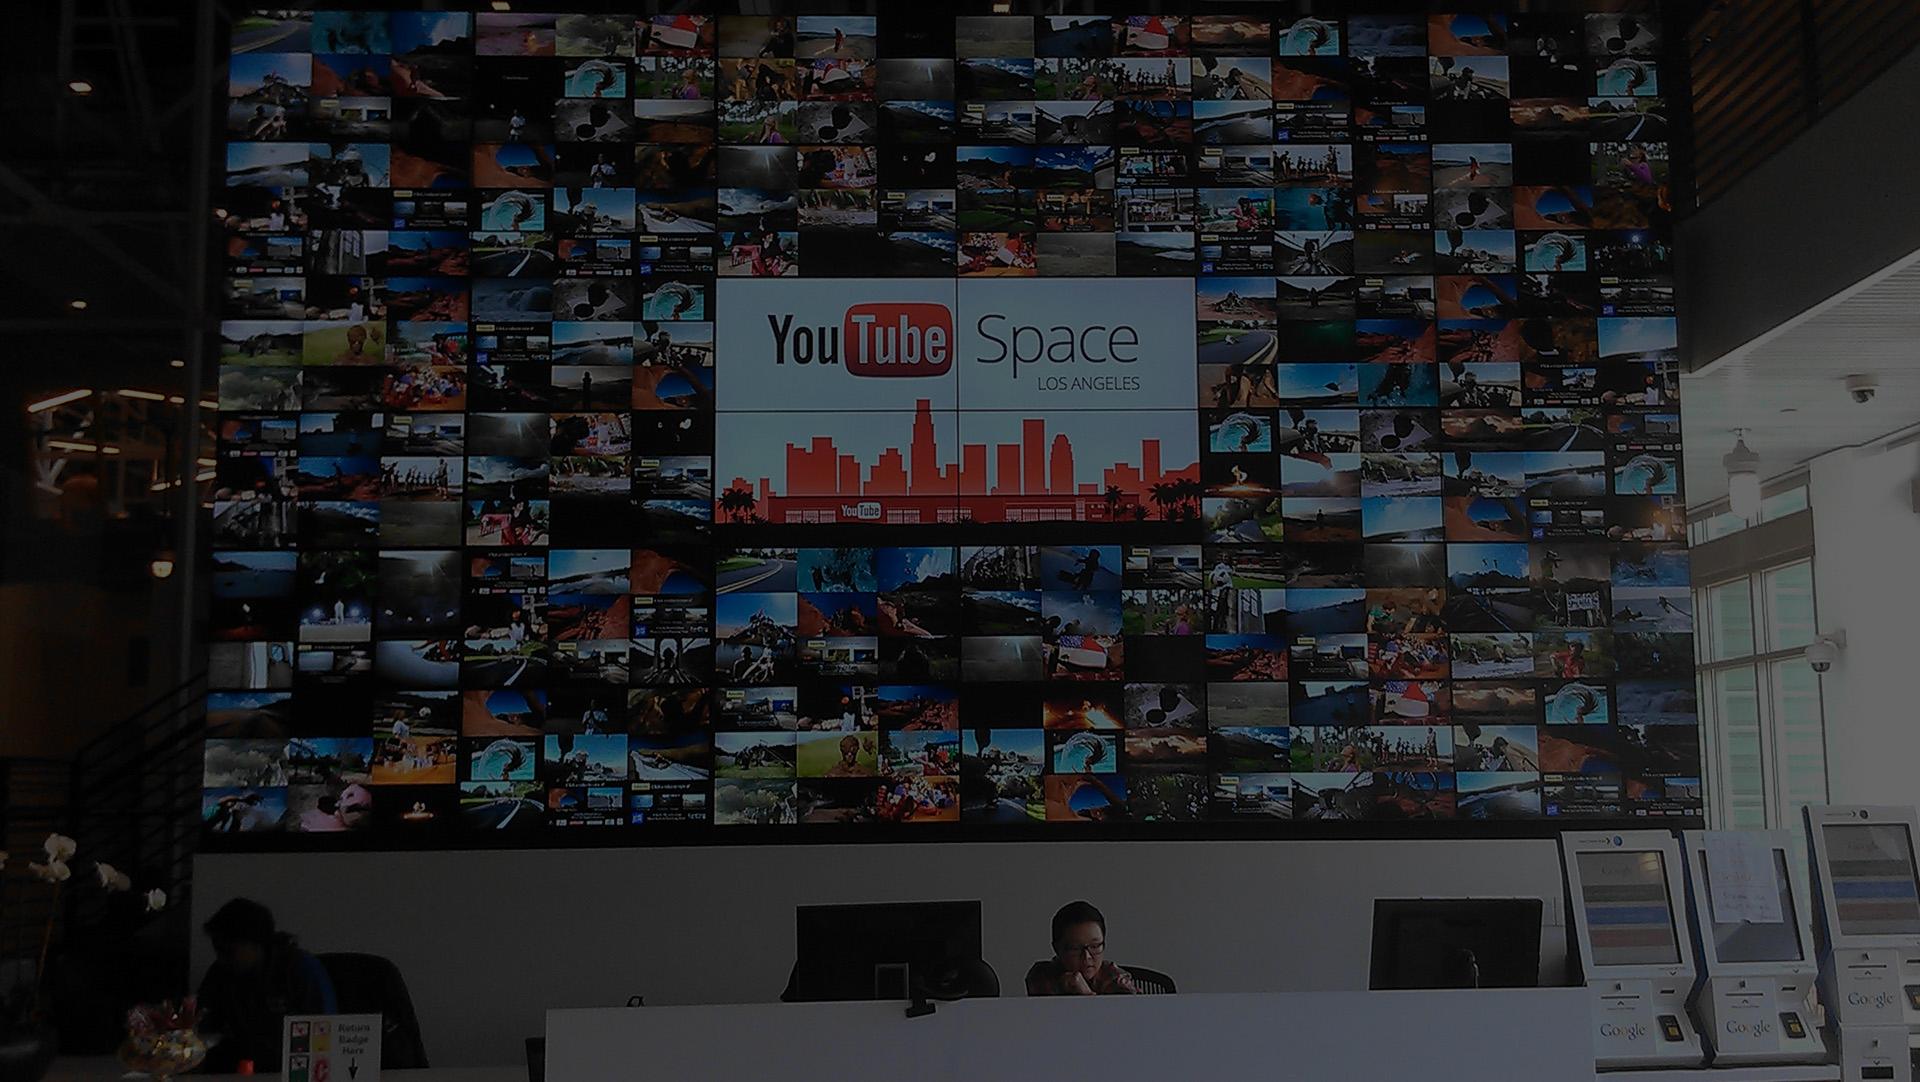 youtubespacela